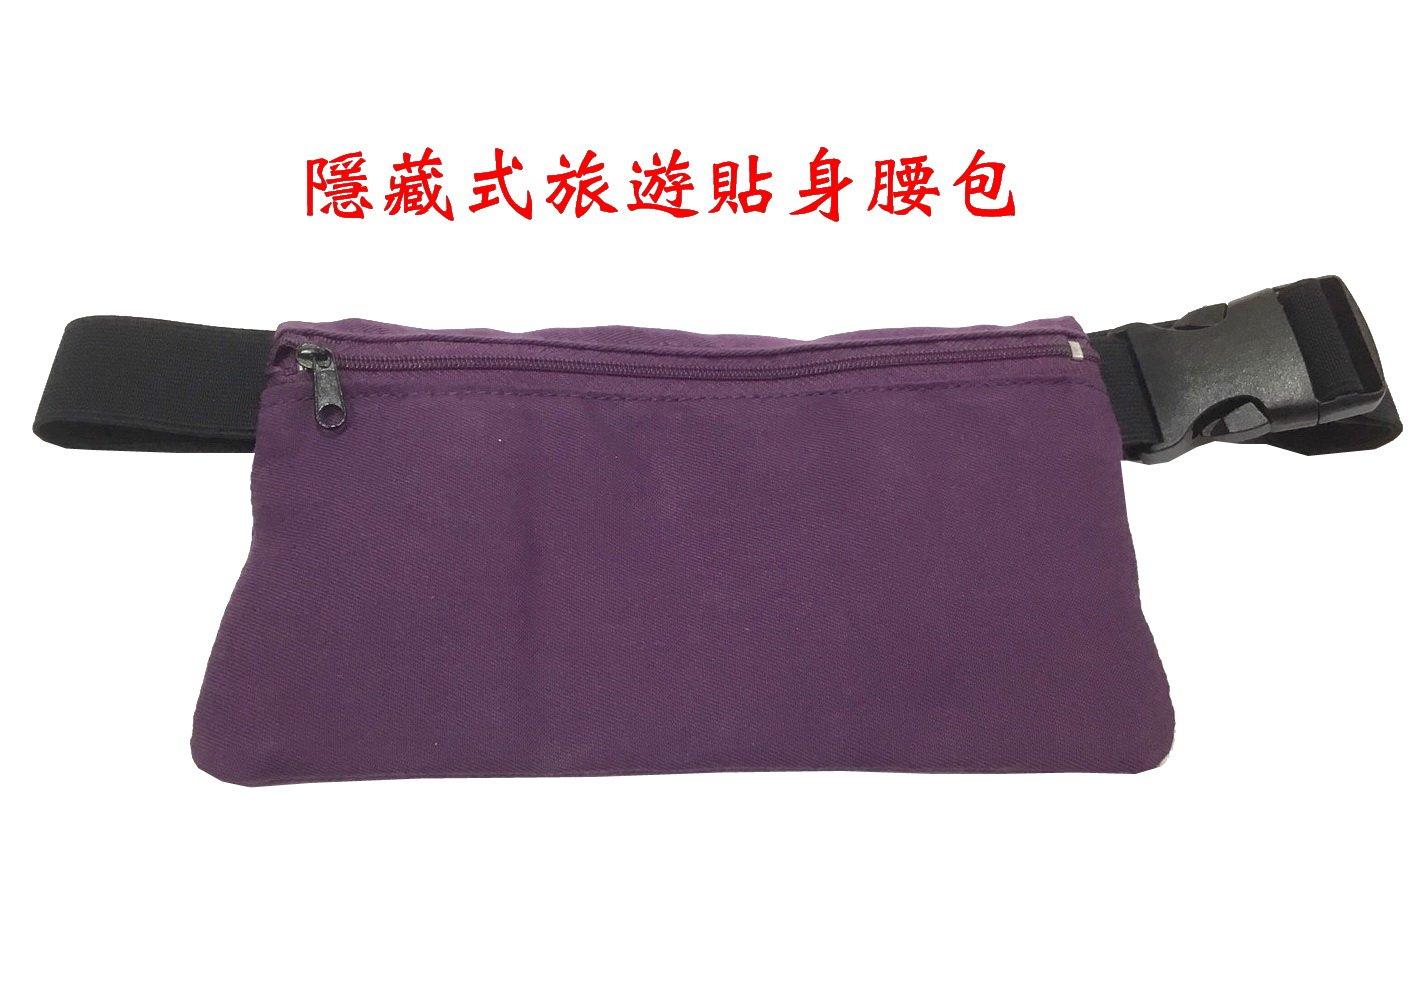 【菲歐娜】7270-1-( 拍品)隱藏式旅遊貼身腰包 護照包(紫)803